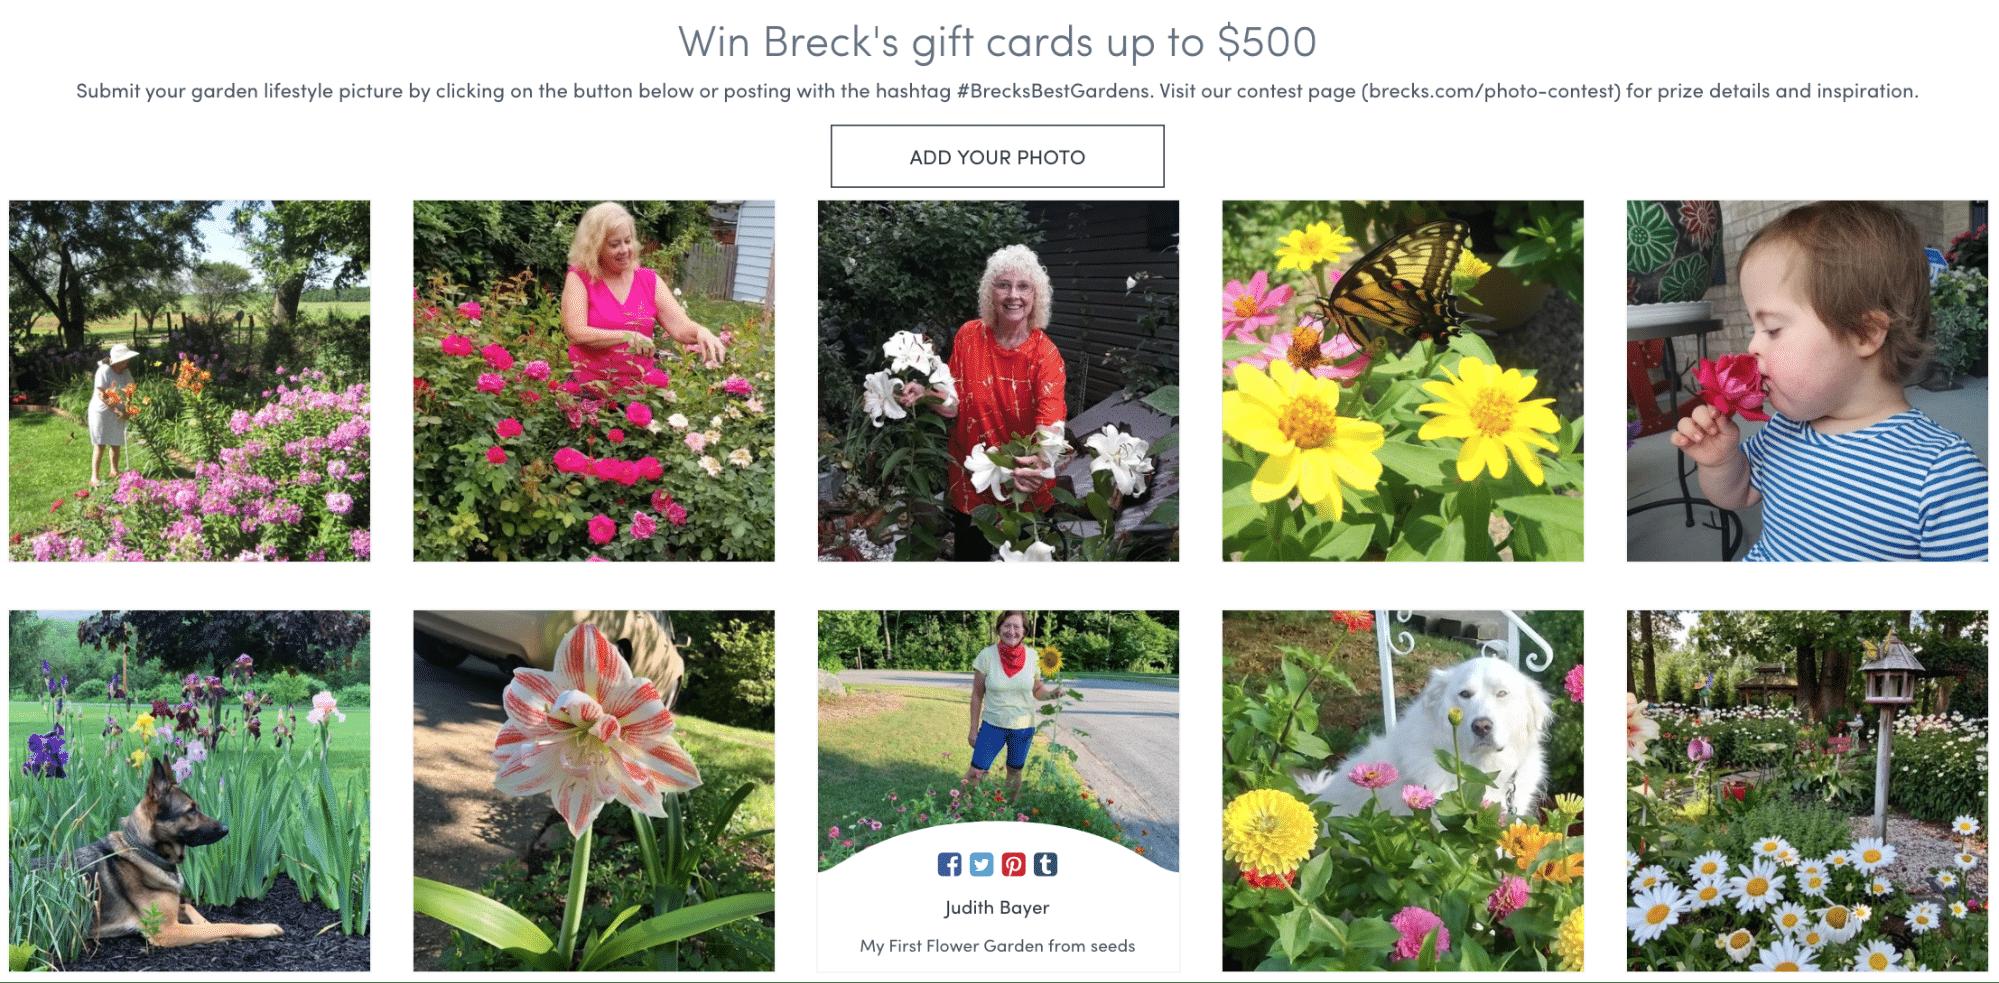 Breck's Gardening Contest